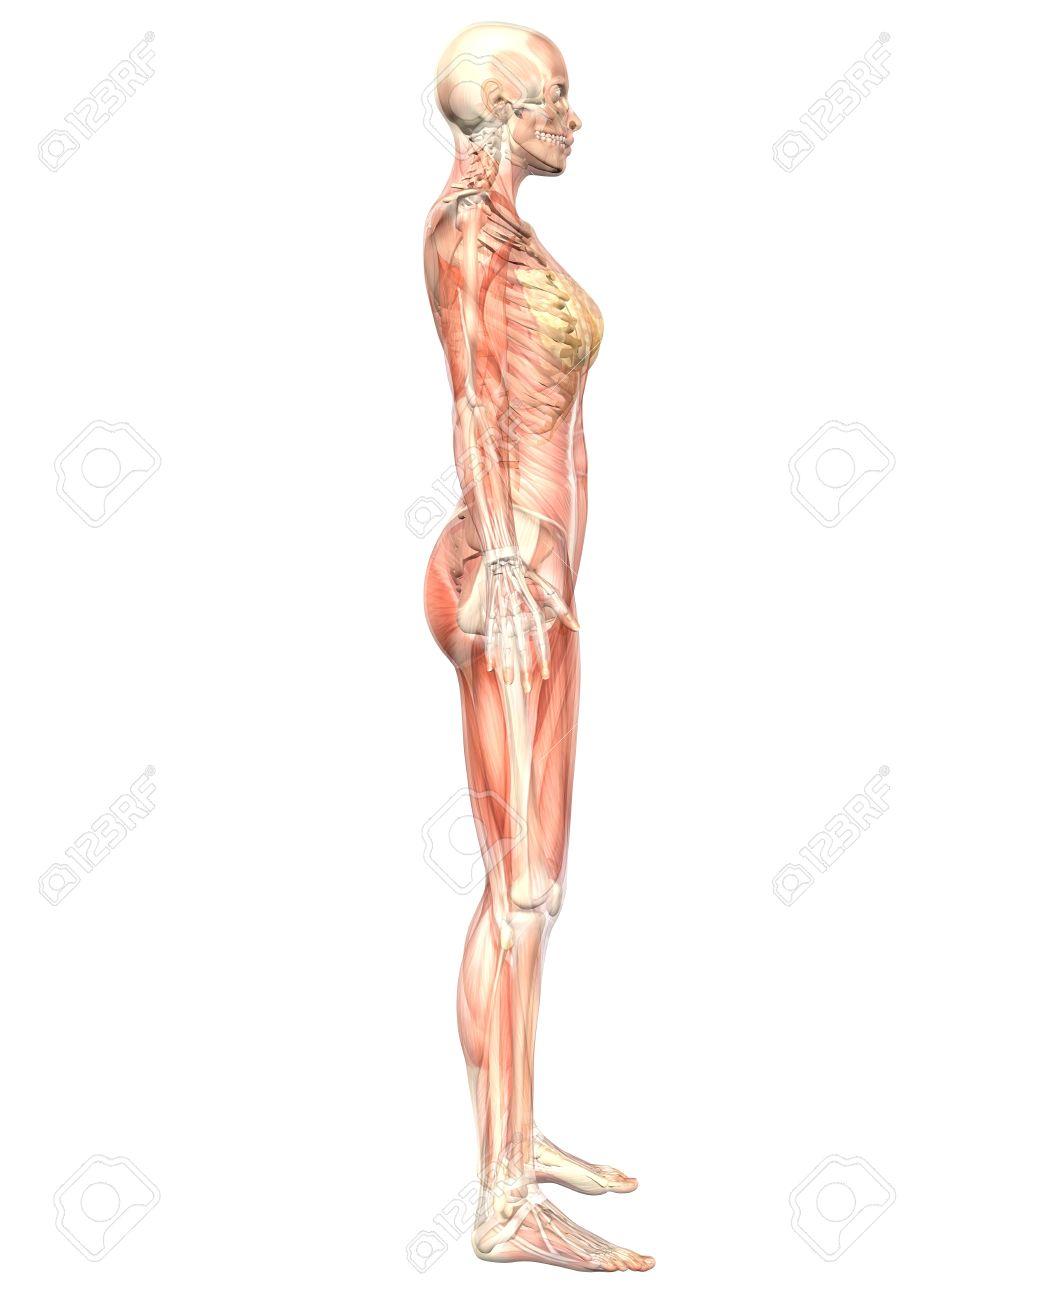 Una Ilustración De La Vista Lateral De La Anatomía Femenina Muscular ...